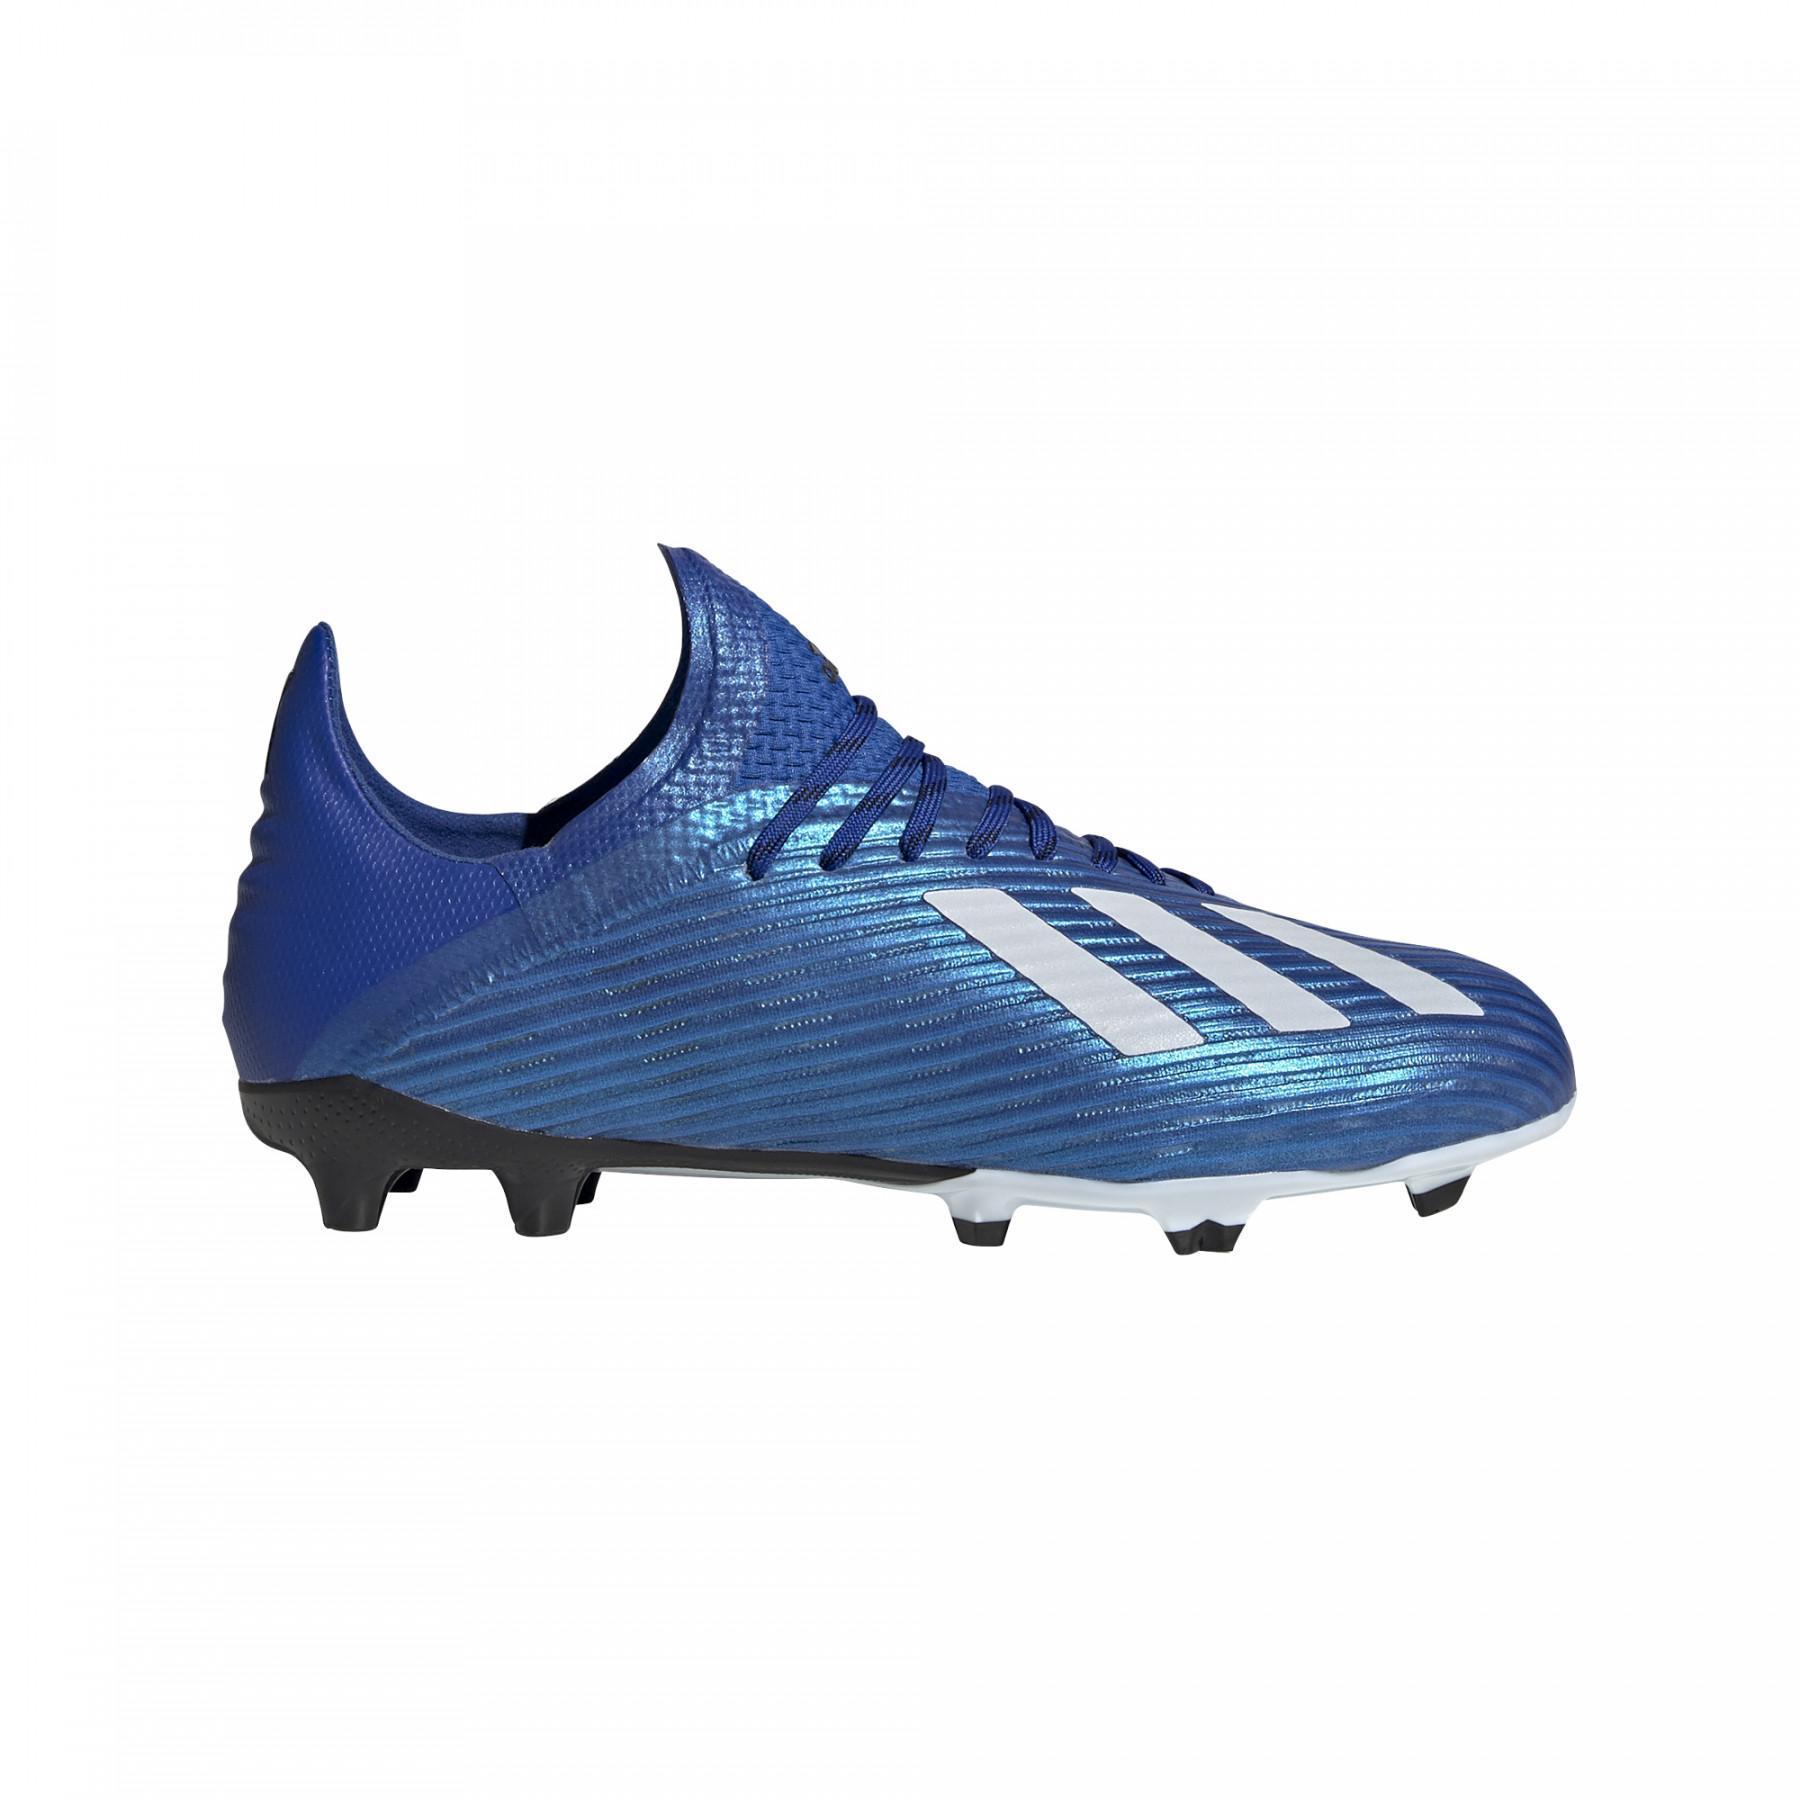 Chaussures enfant adidas X 19.1 FG